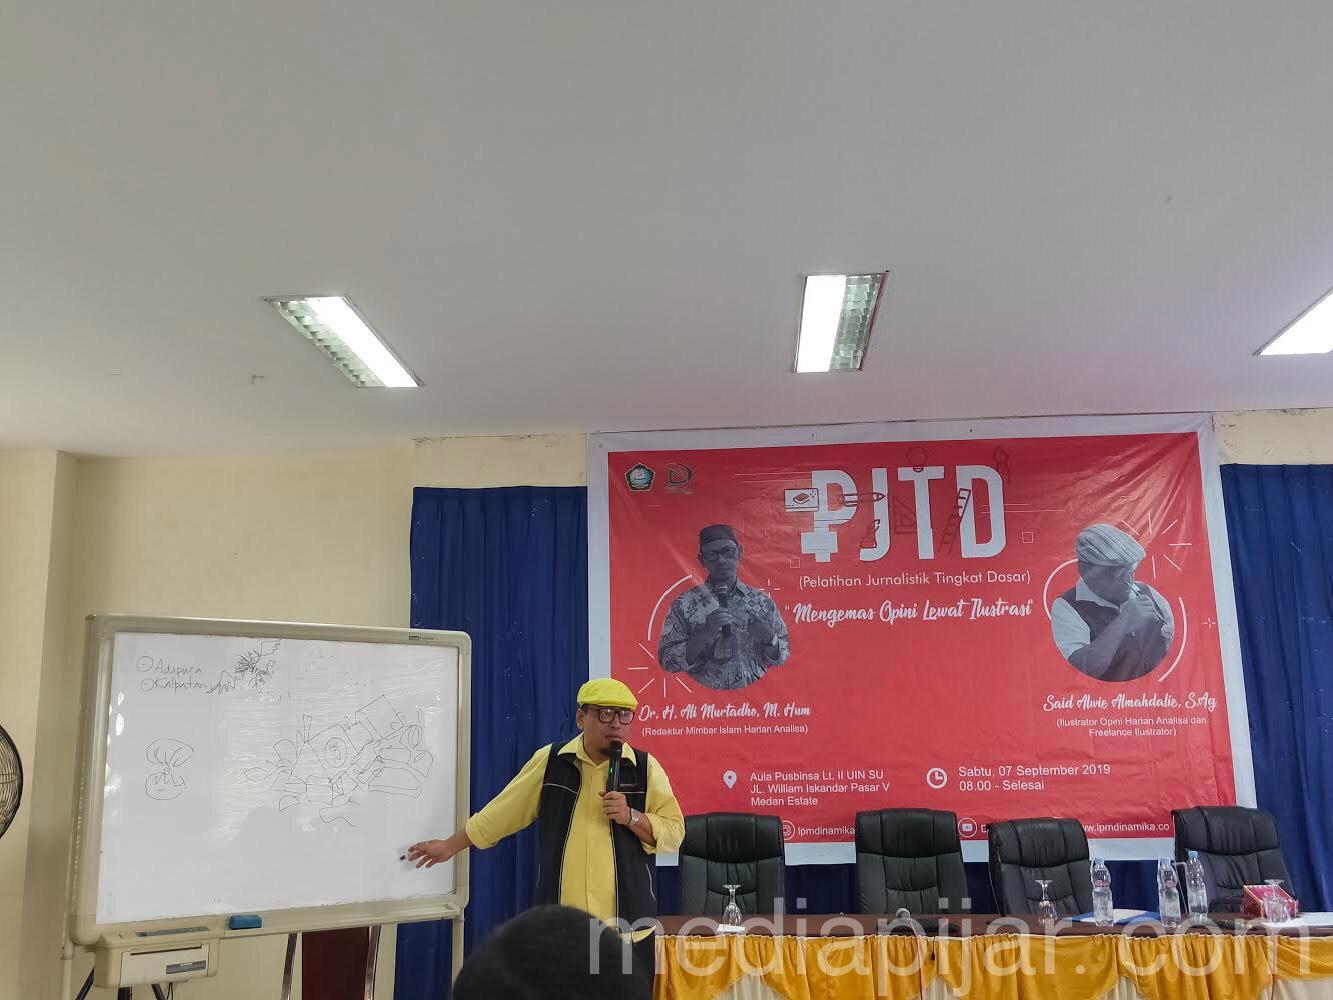 Penyampaian materi ilustrasi oleh Said Alwie Almahdalie , S.Ag dalam PJTD yang diselenggarakan LPM DINAMIKA UINSU, Sabtu (7/9) (Fotografer : Rassya Priyandra)